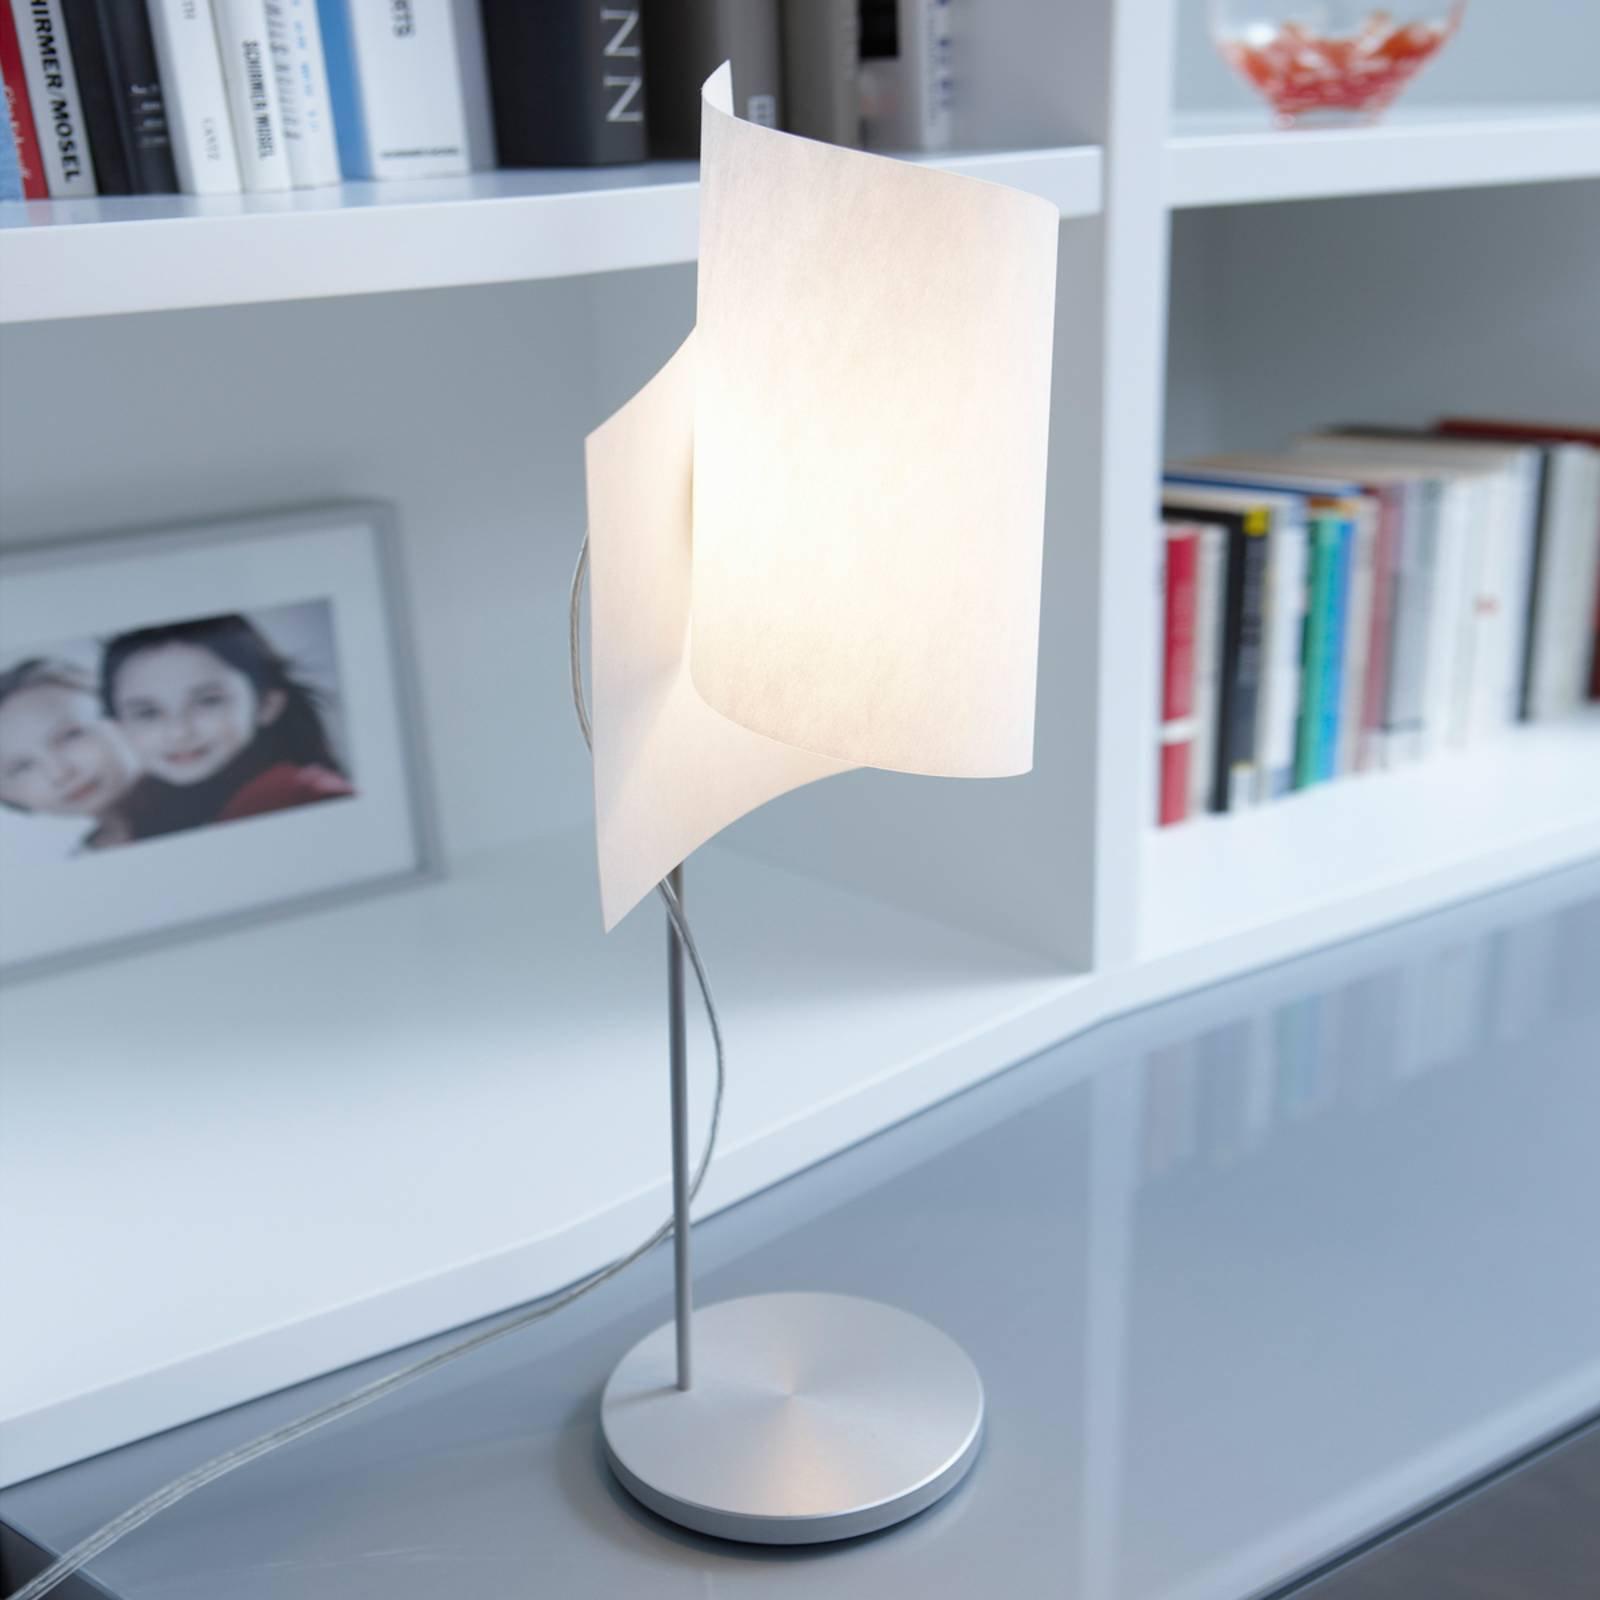 Interessant Loop bordlampe i aluminium